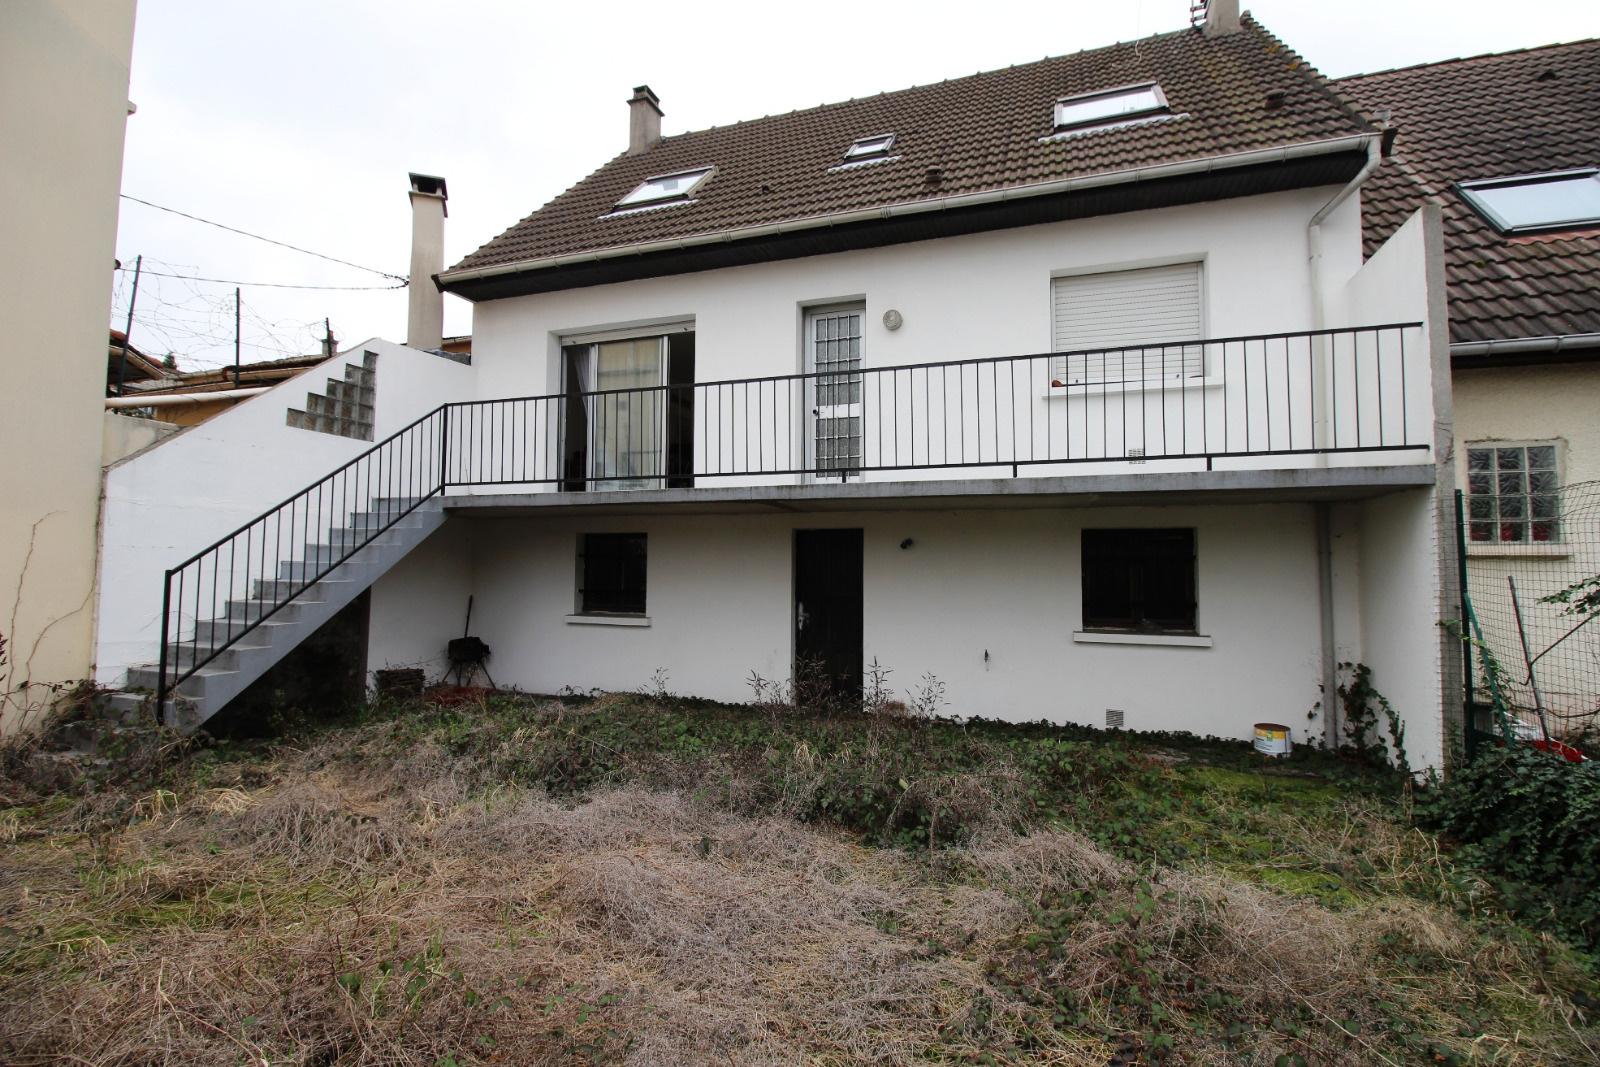 Offres de vente Maison St denis 93200